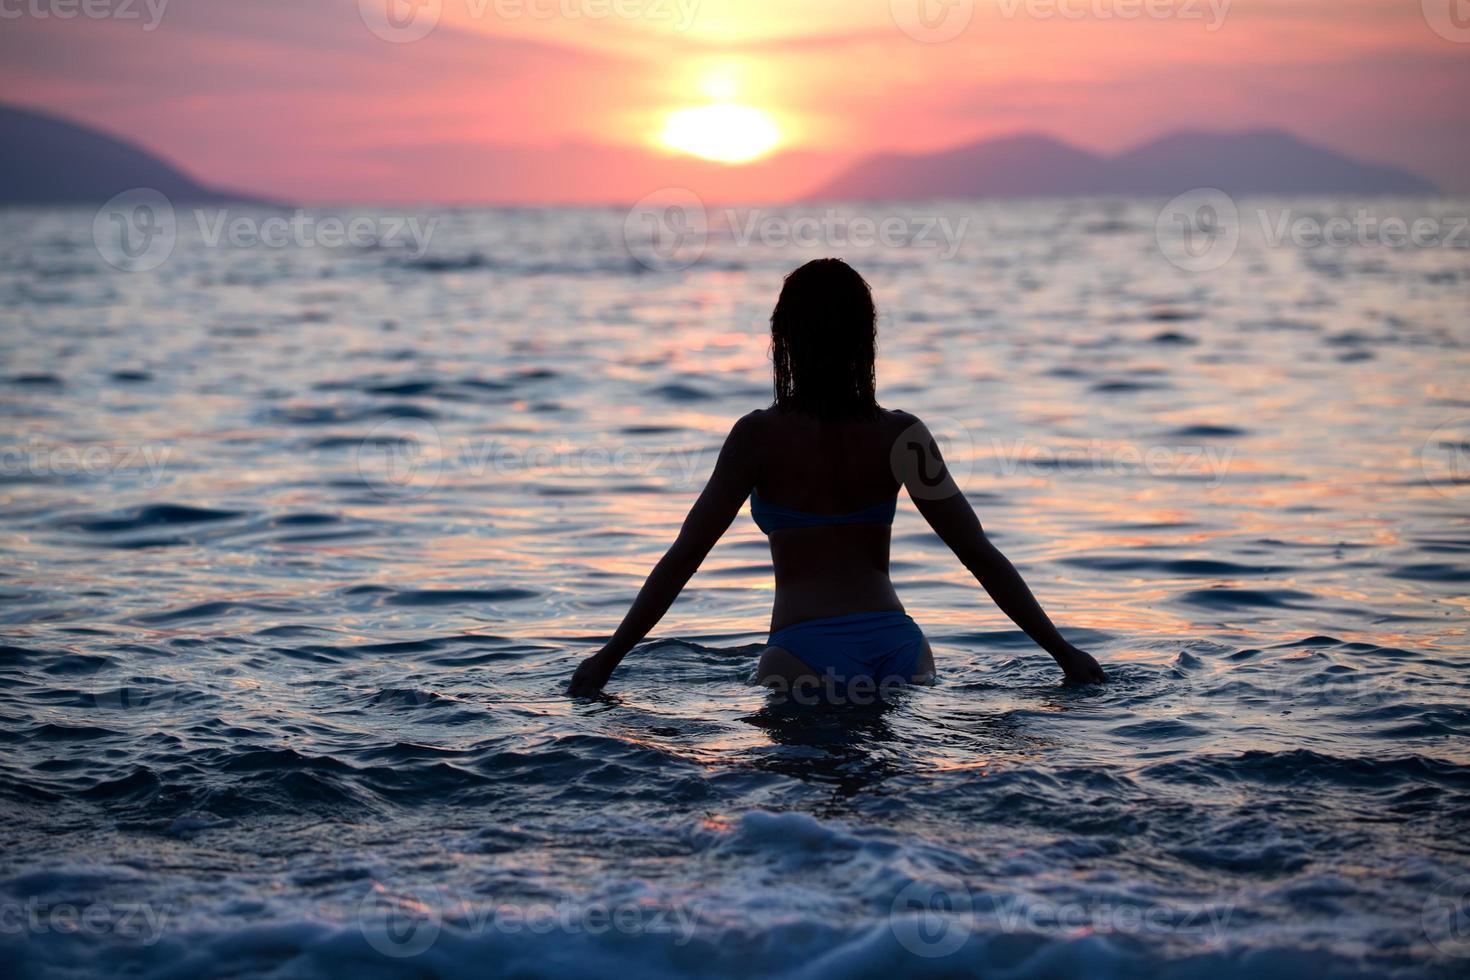 nuoto splendido della siluetta della donna di misura nella donna di sunset.free che gode del tramonto. foto